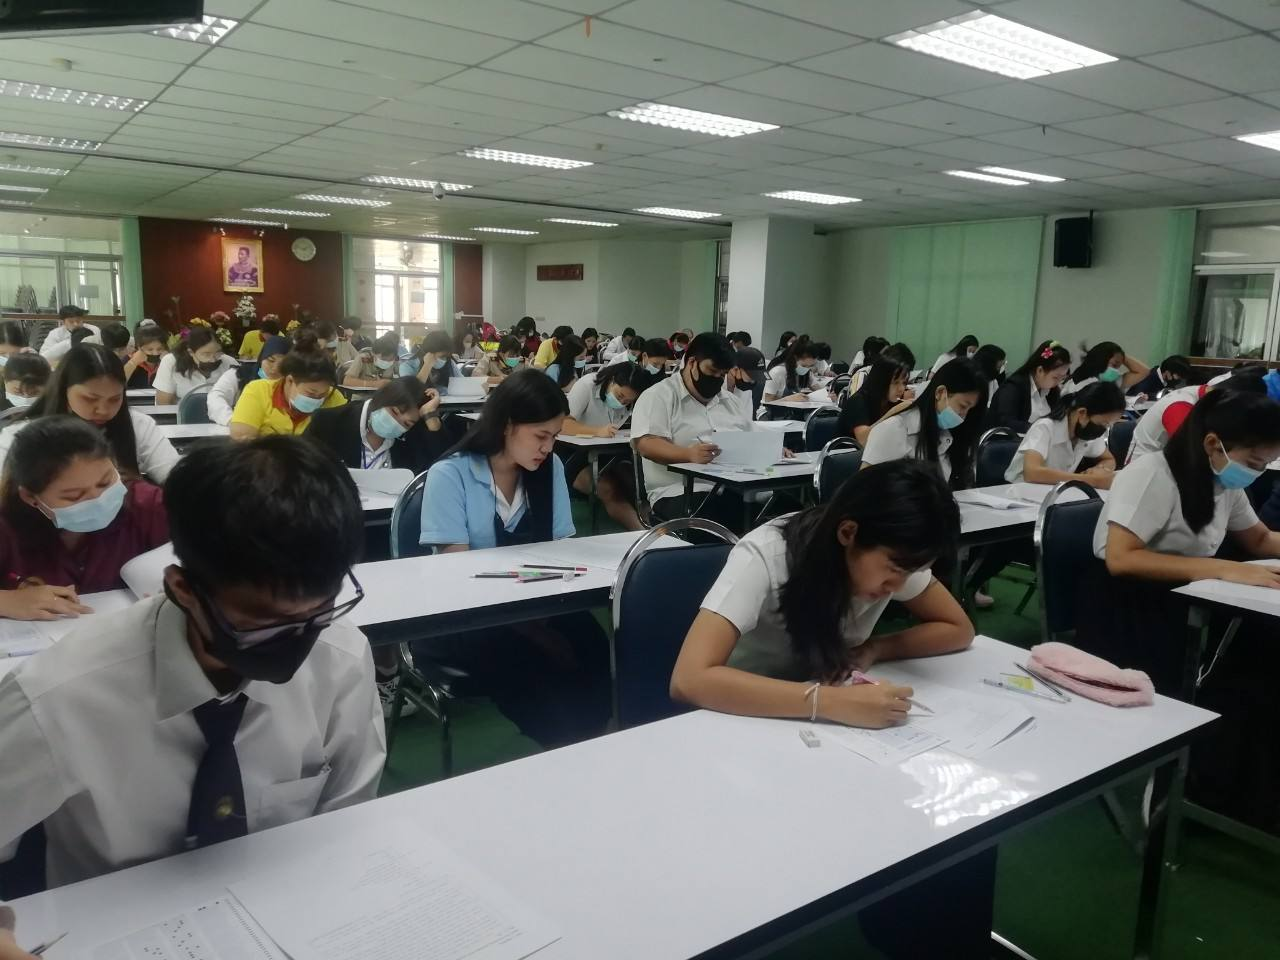 ศูนย์ภาษาจัดการทดสอบ DRU Test แบบ paper-based